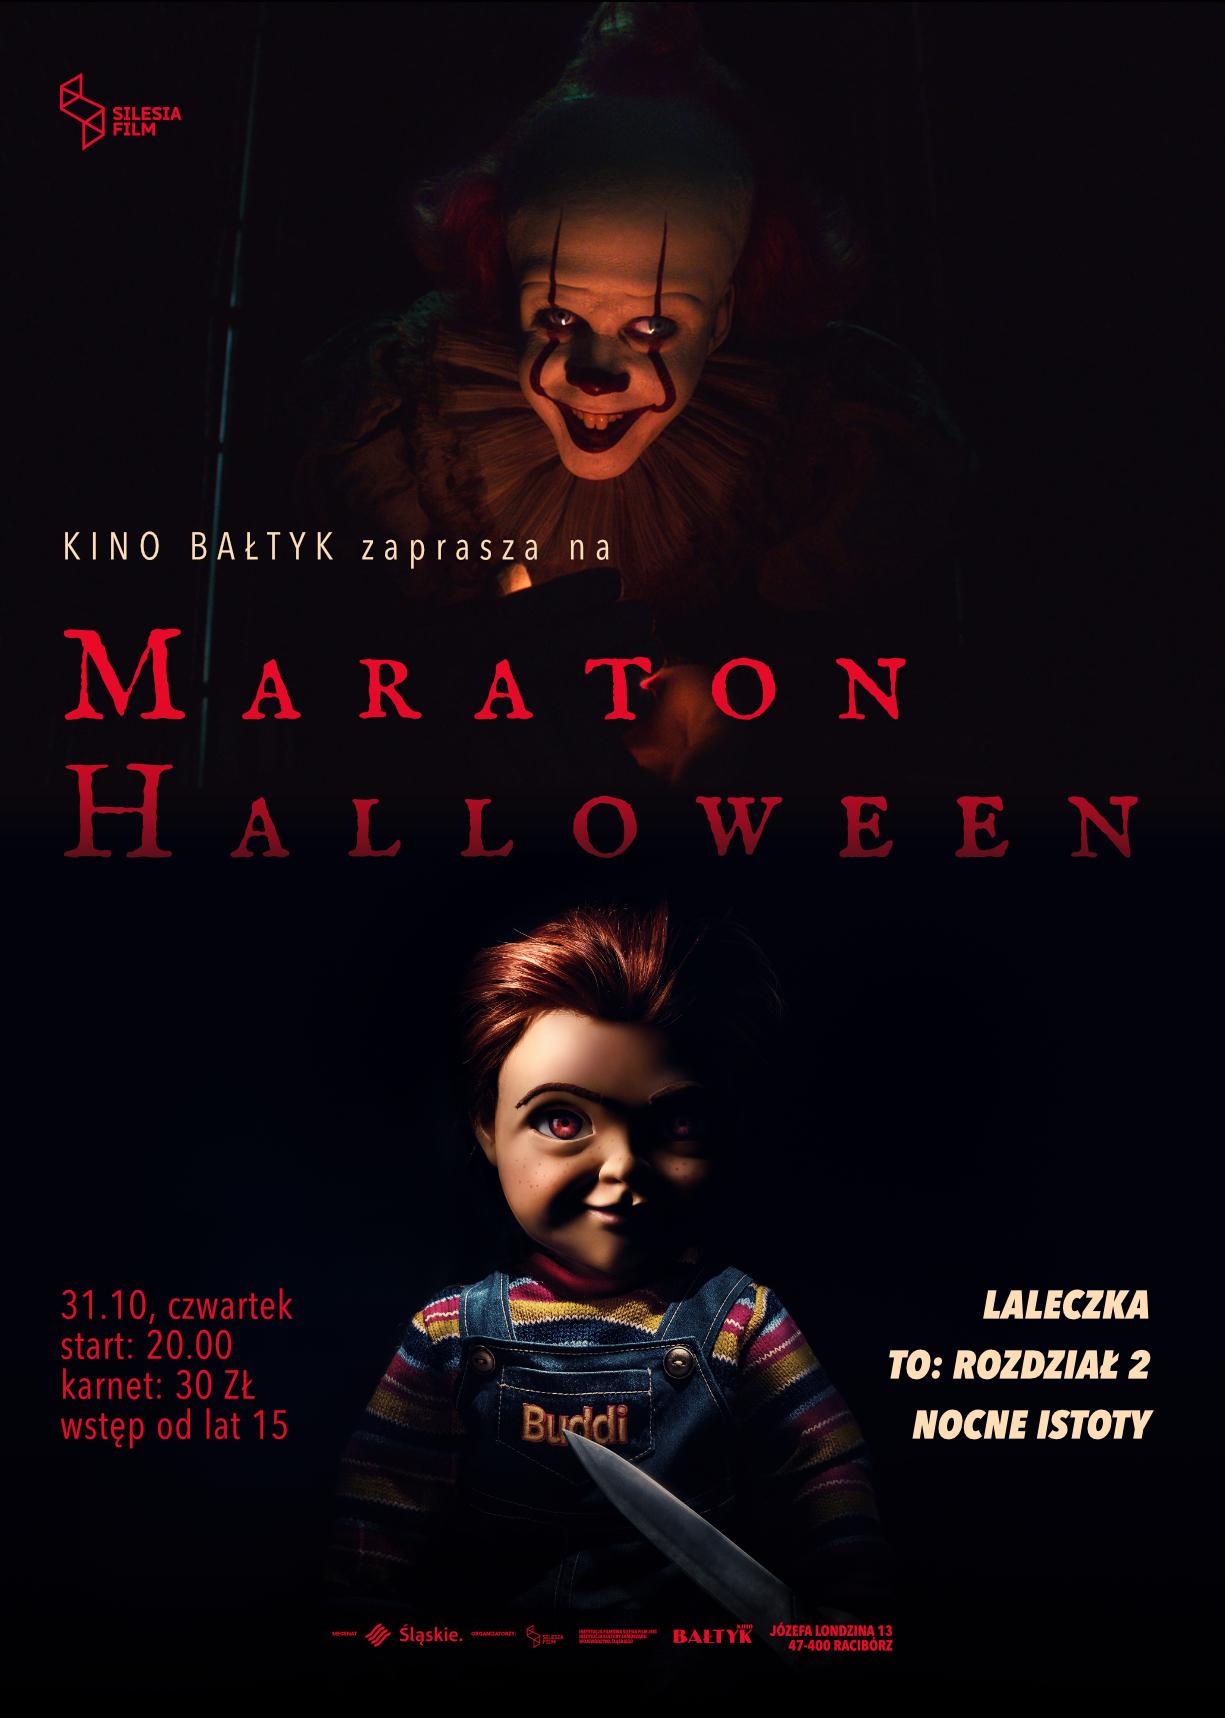 Maraton Halloween 2019: Laleczka / To: Rozdział 2 / Nocne Istoty